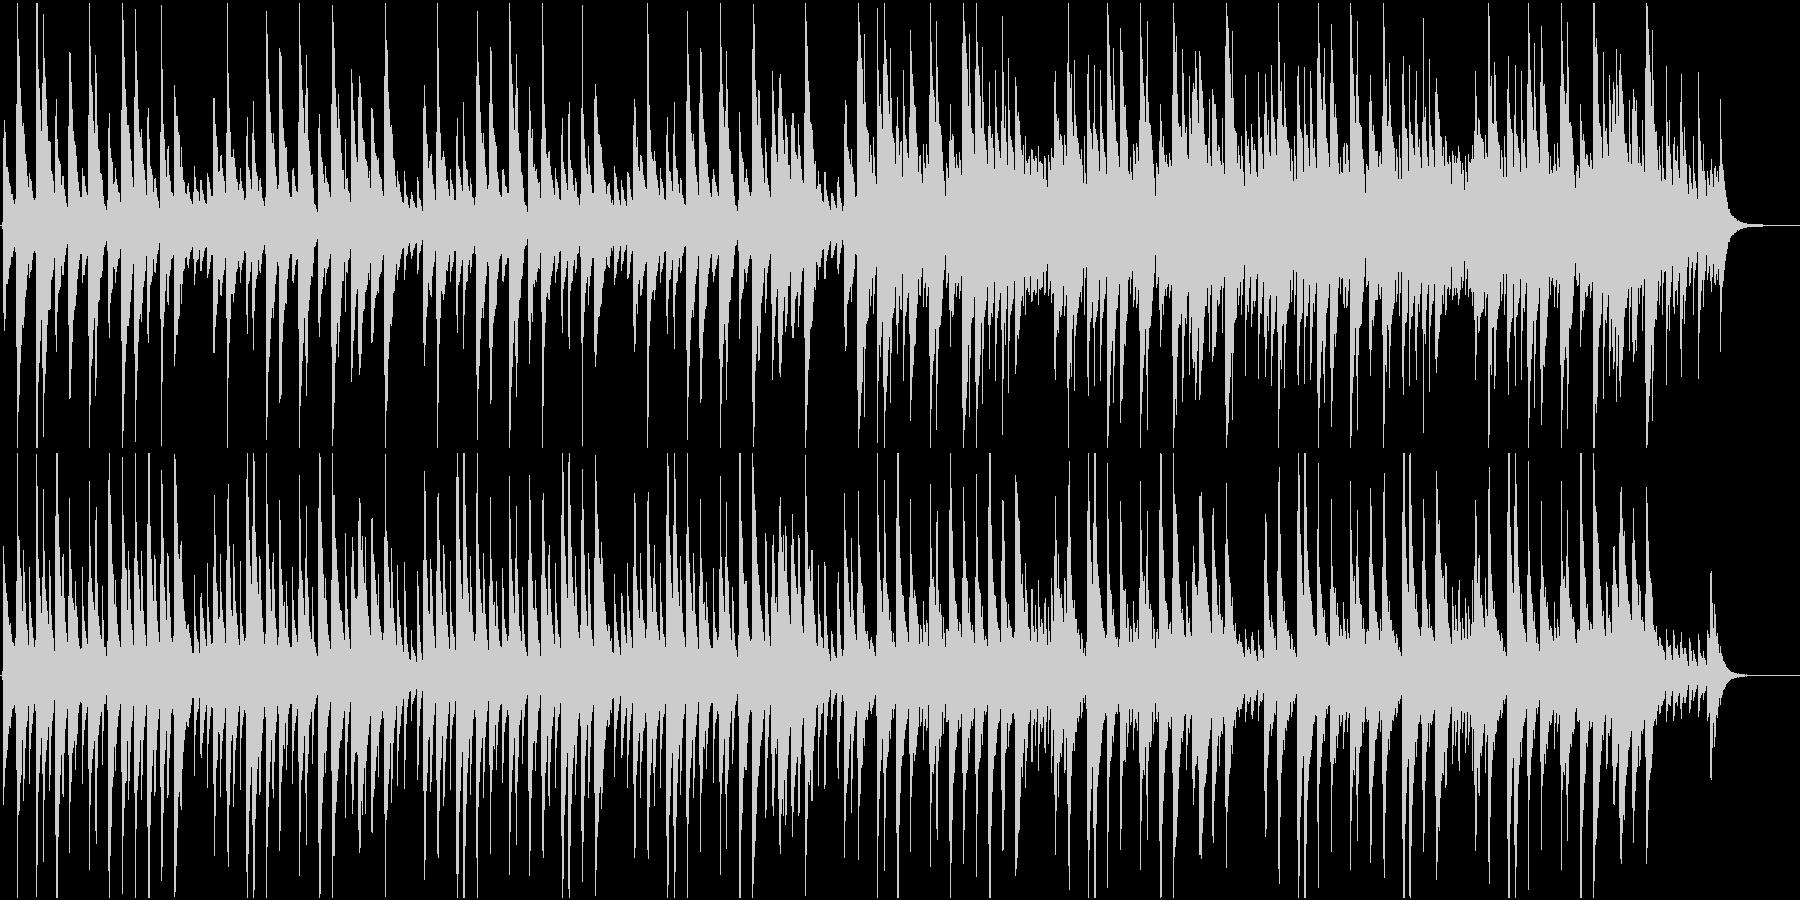 蛍の光のオルゴールバージョンですの未再生の波形